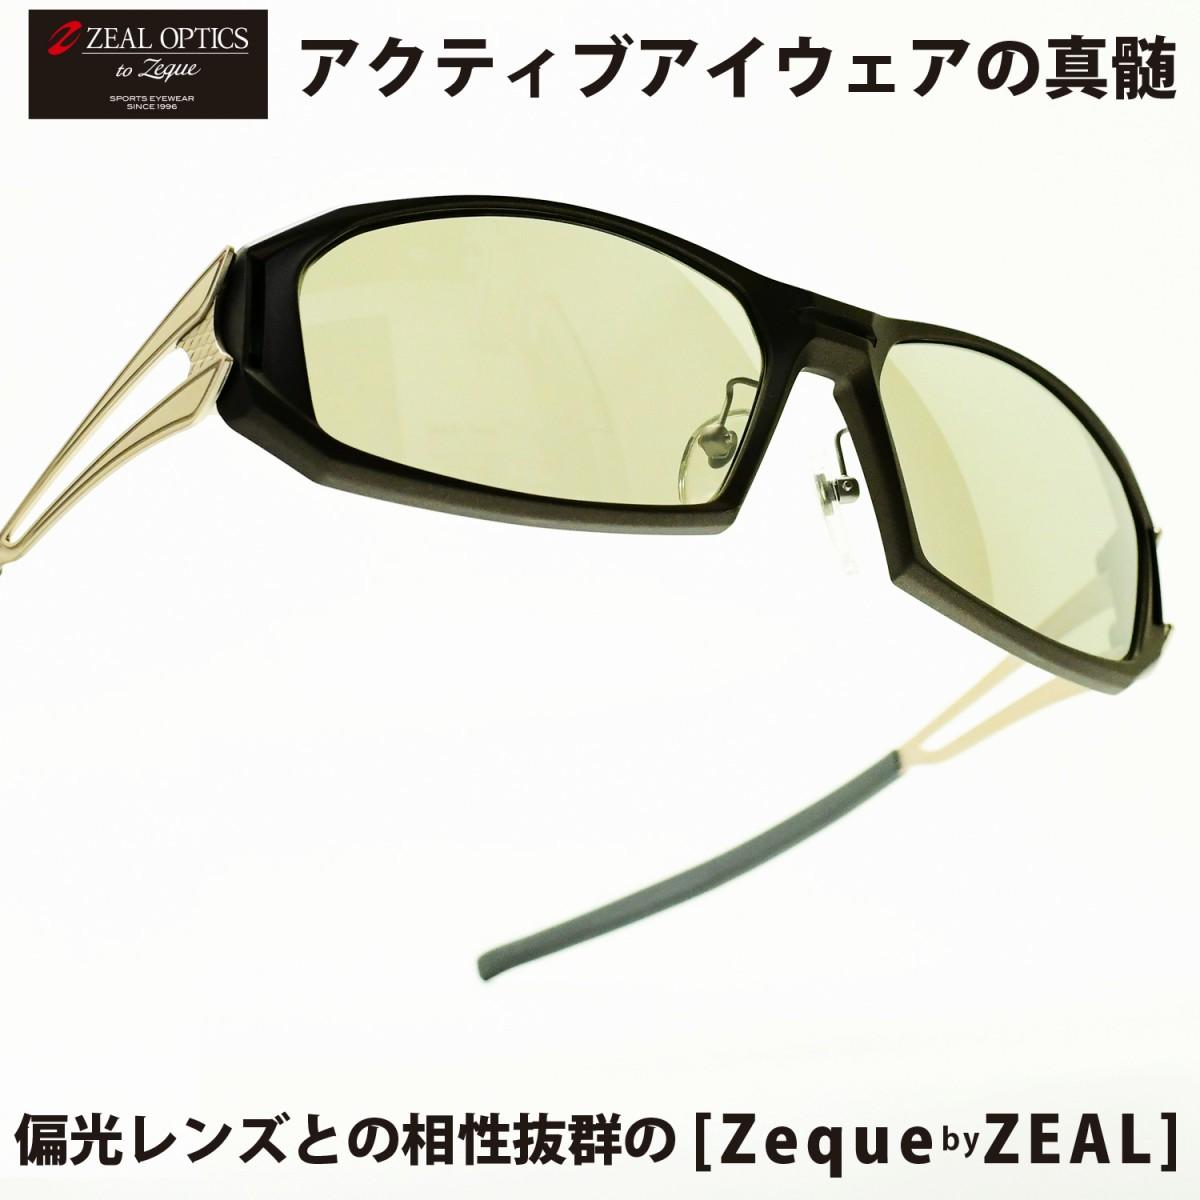 ZEAL ジール Zeque by ZEAL OPTICSVanq Xブラウン・ゴールド/トゥルービュースポーツ シルバーミラーメガネ 眼鏡 めがね メンズ レディース おしゃれ ブランド 人気 おすすめ フレーム 流行り 度付き レンズ